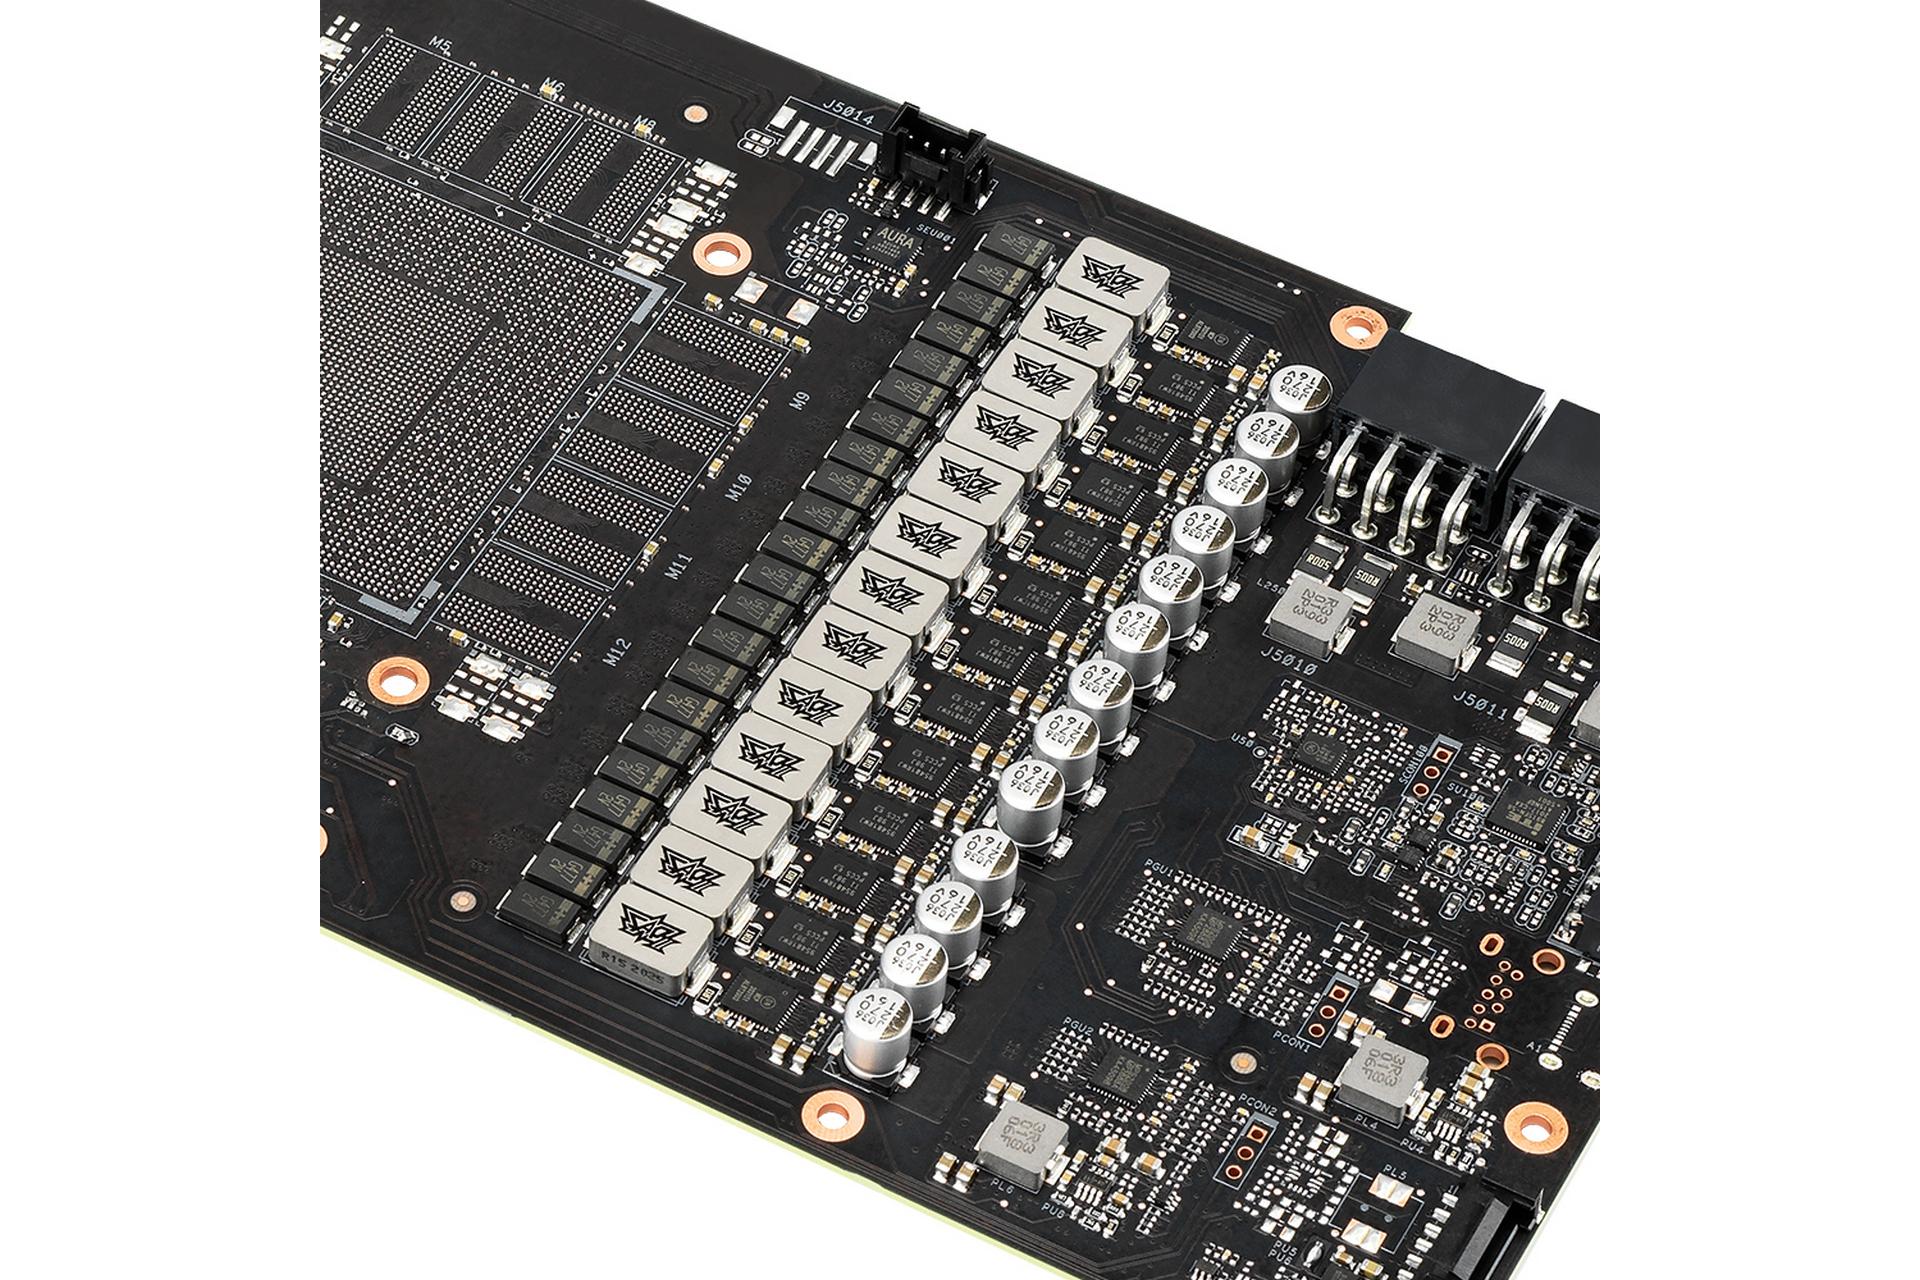 Các tụ điện, cuộn cảm và MOSFETs trên card ROG STRIX RTX 3090 OC Edition 24G GAMING